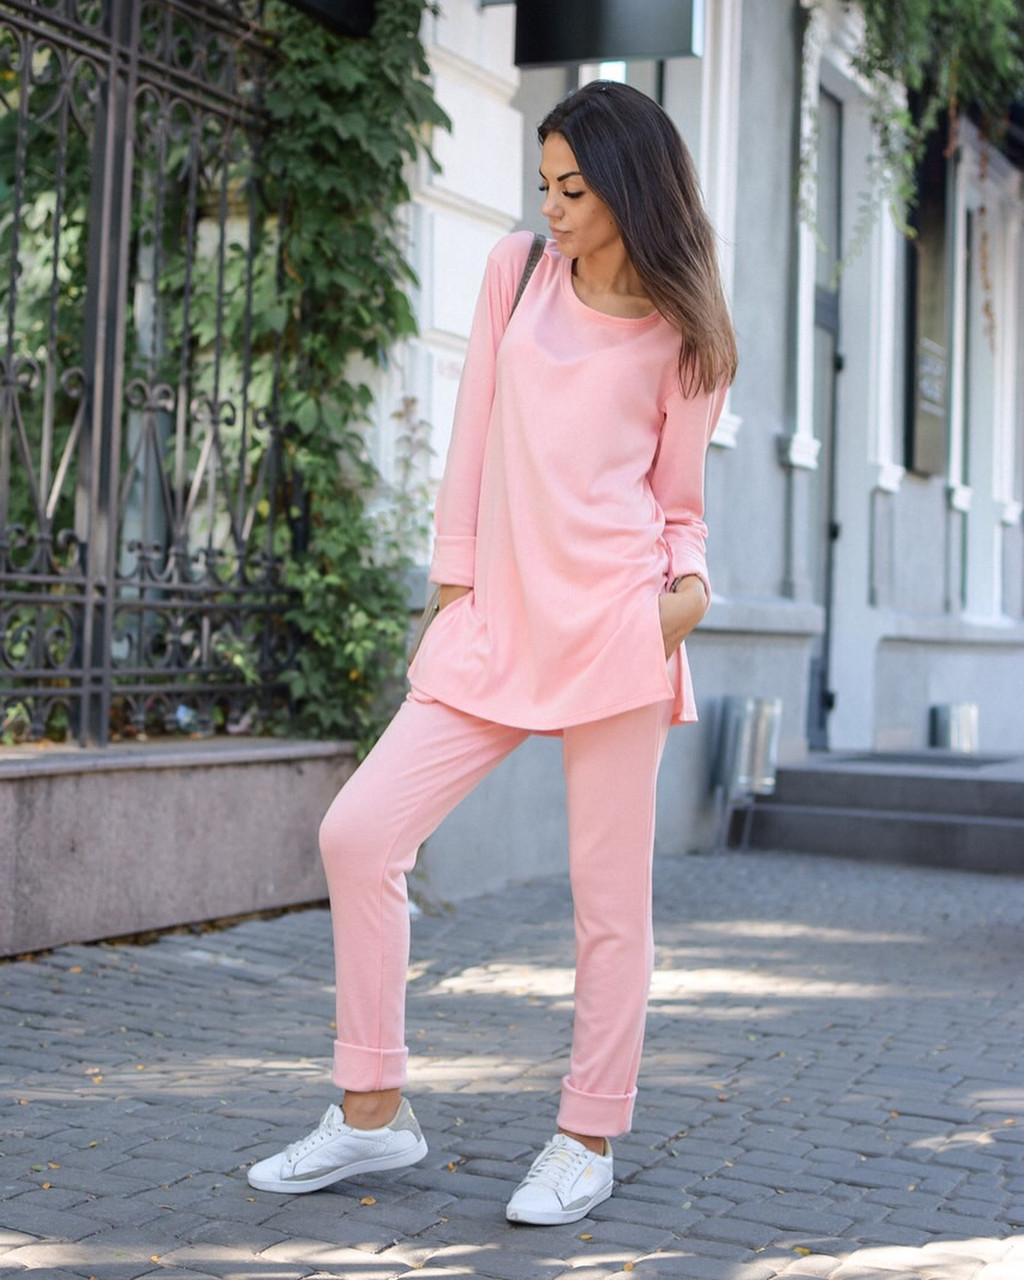 d6c417ef8be6 Модный женский костюм , розового цвета - Интернет-магазин одежды и обуви от  производителя